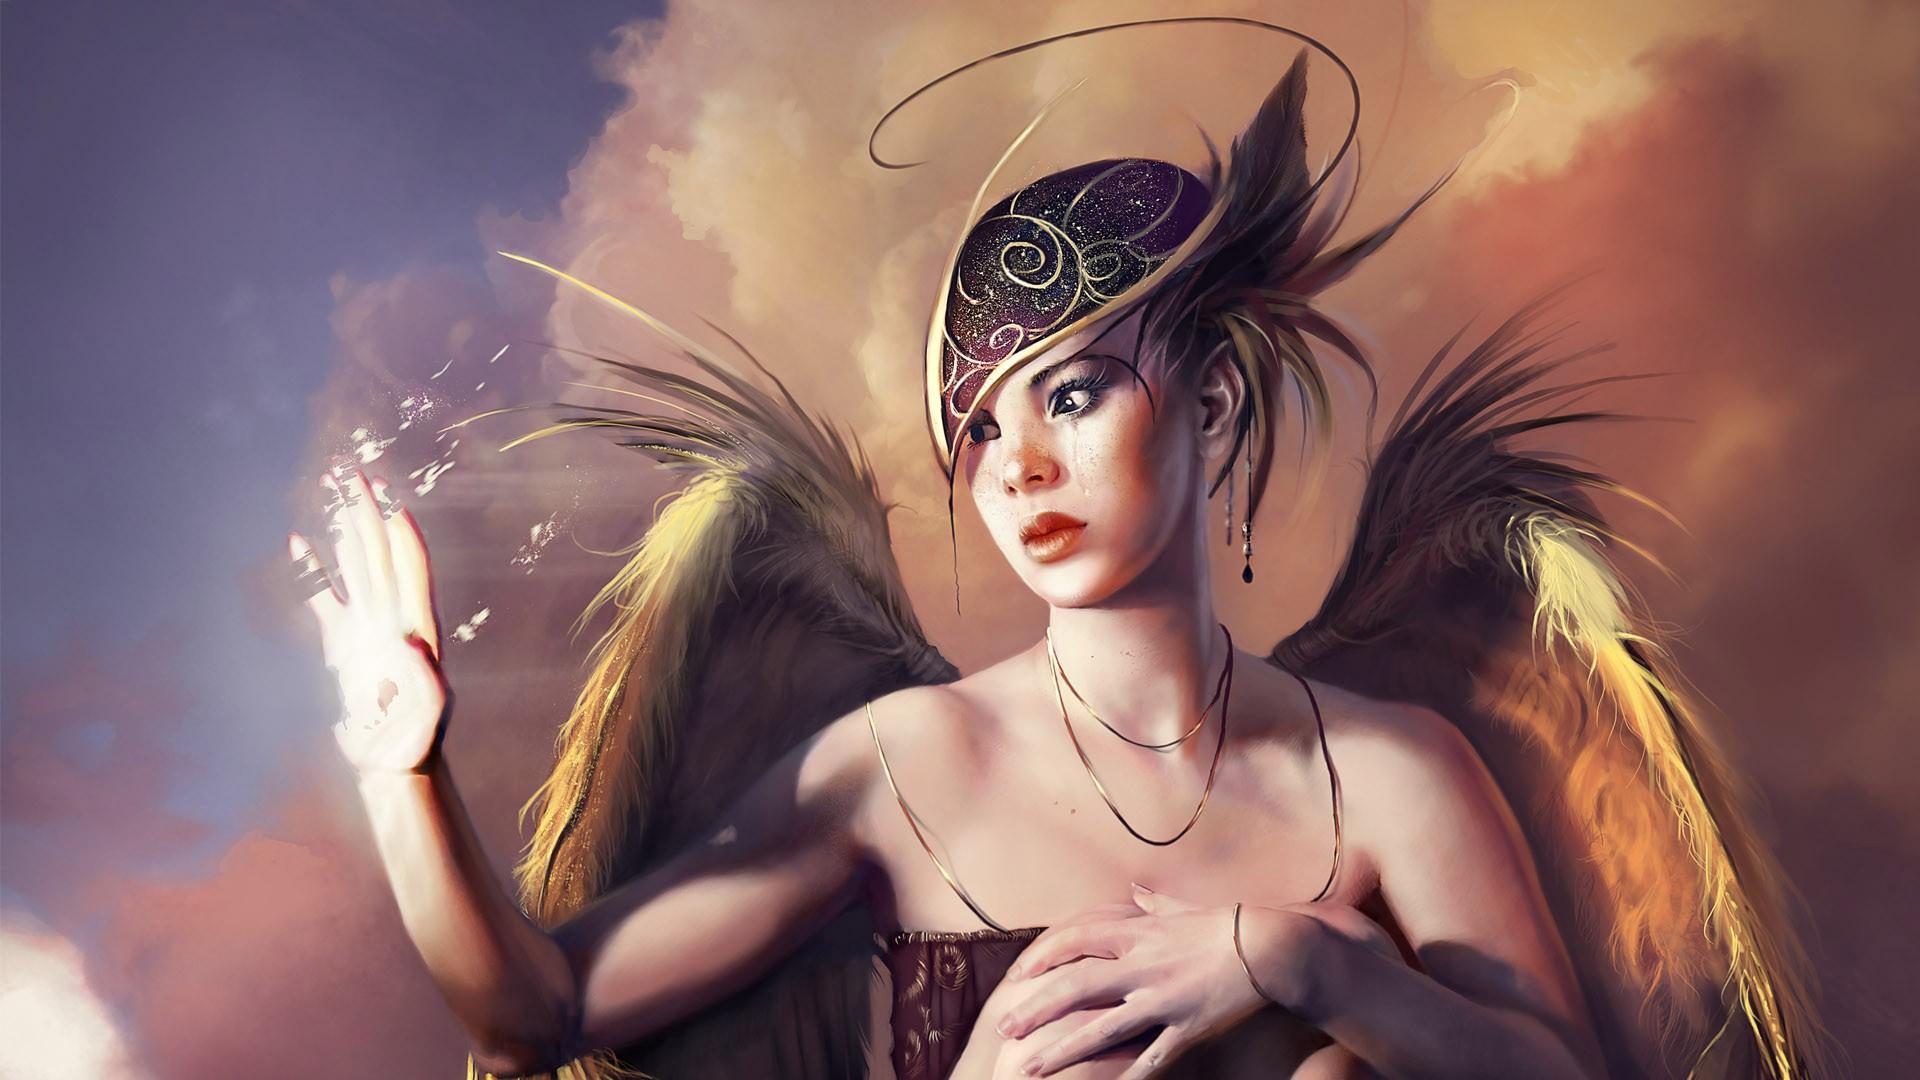 3d fantasy art fairies - photo #39